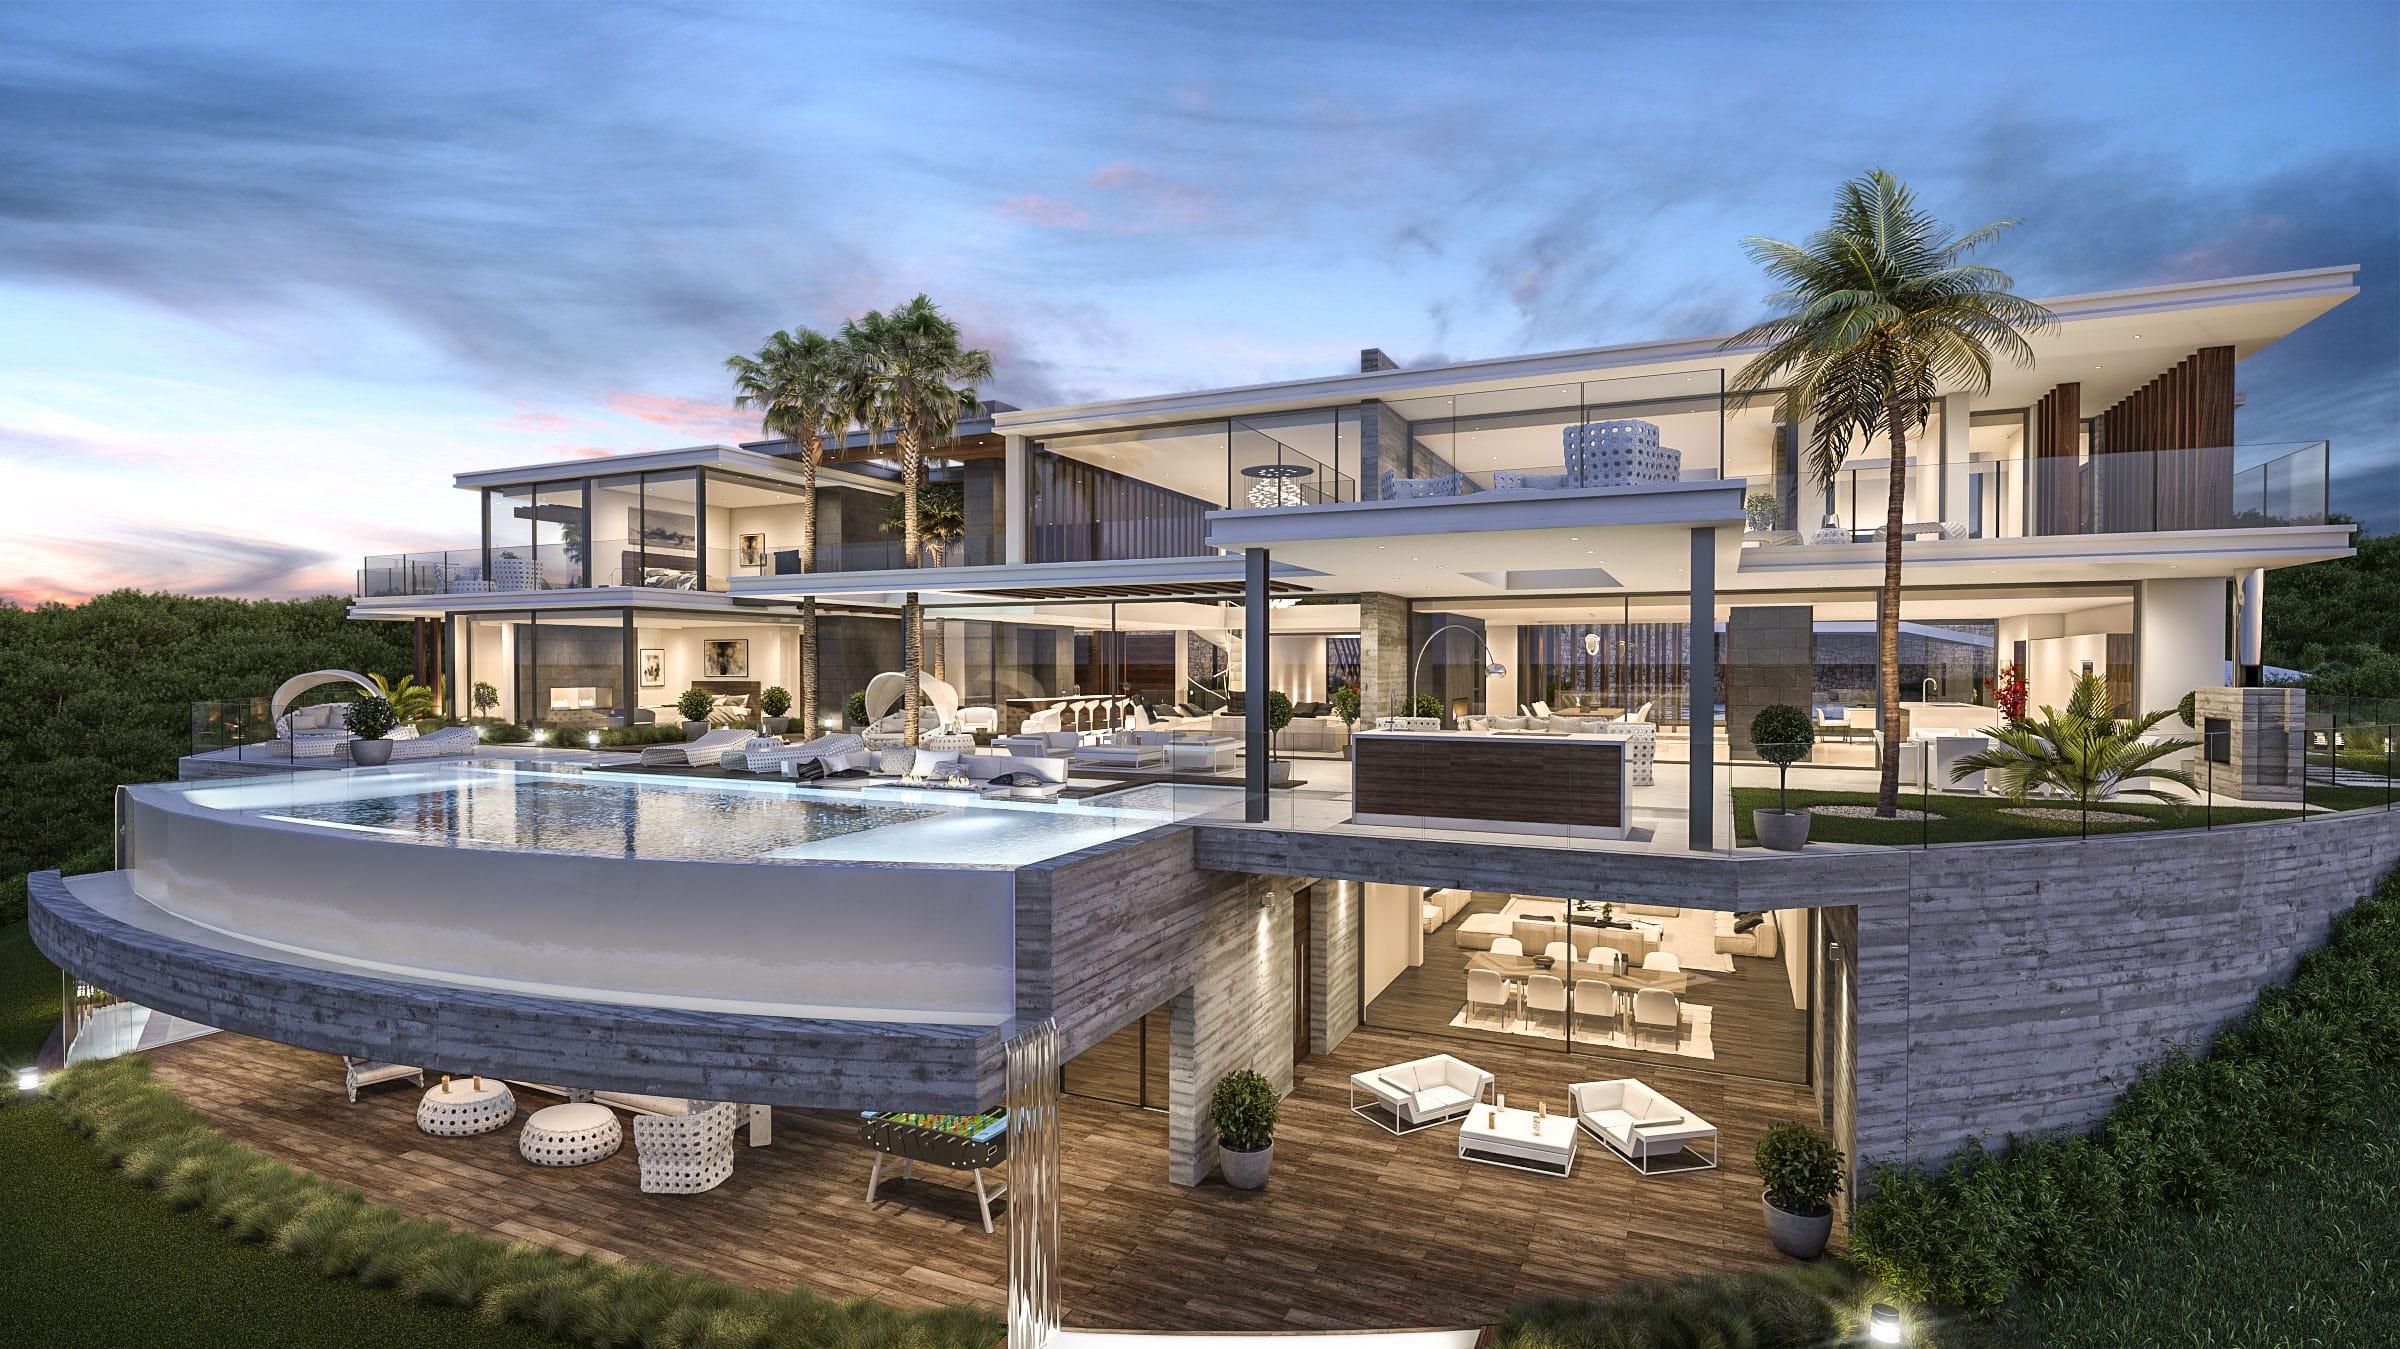 Villa Valhalla Spain B8 Architecture And Design Studio